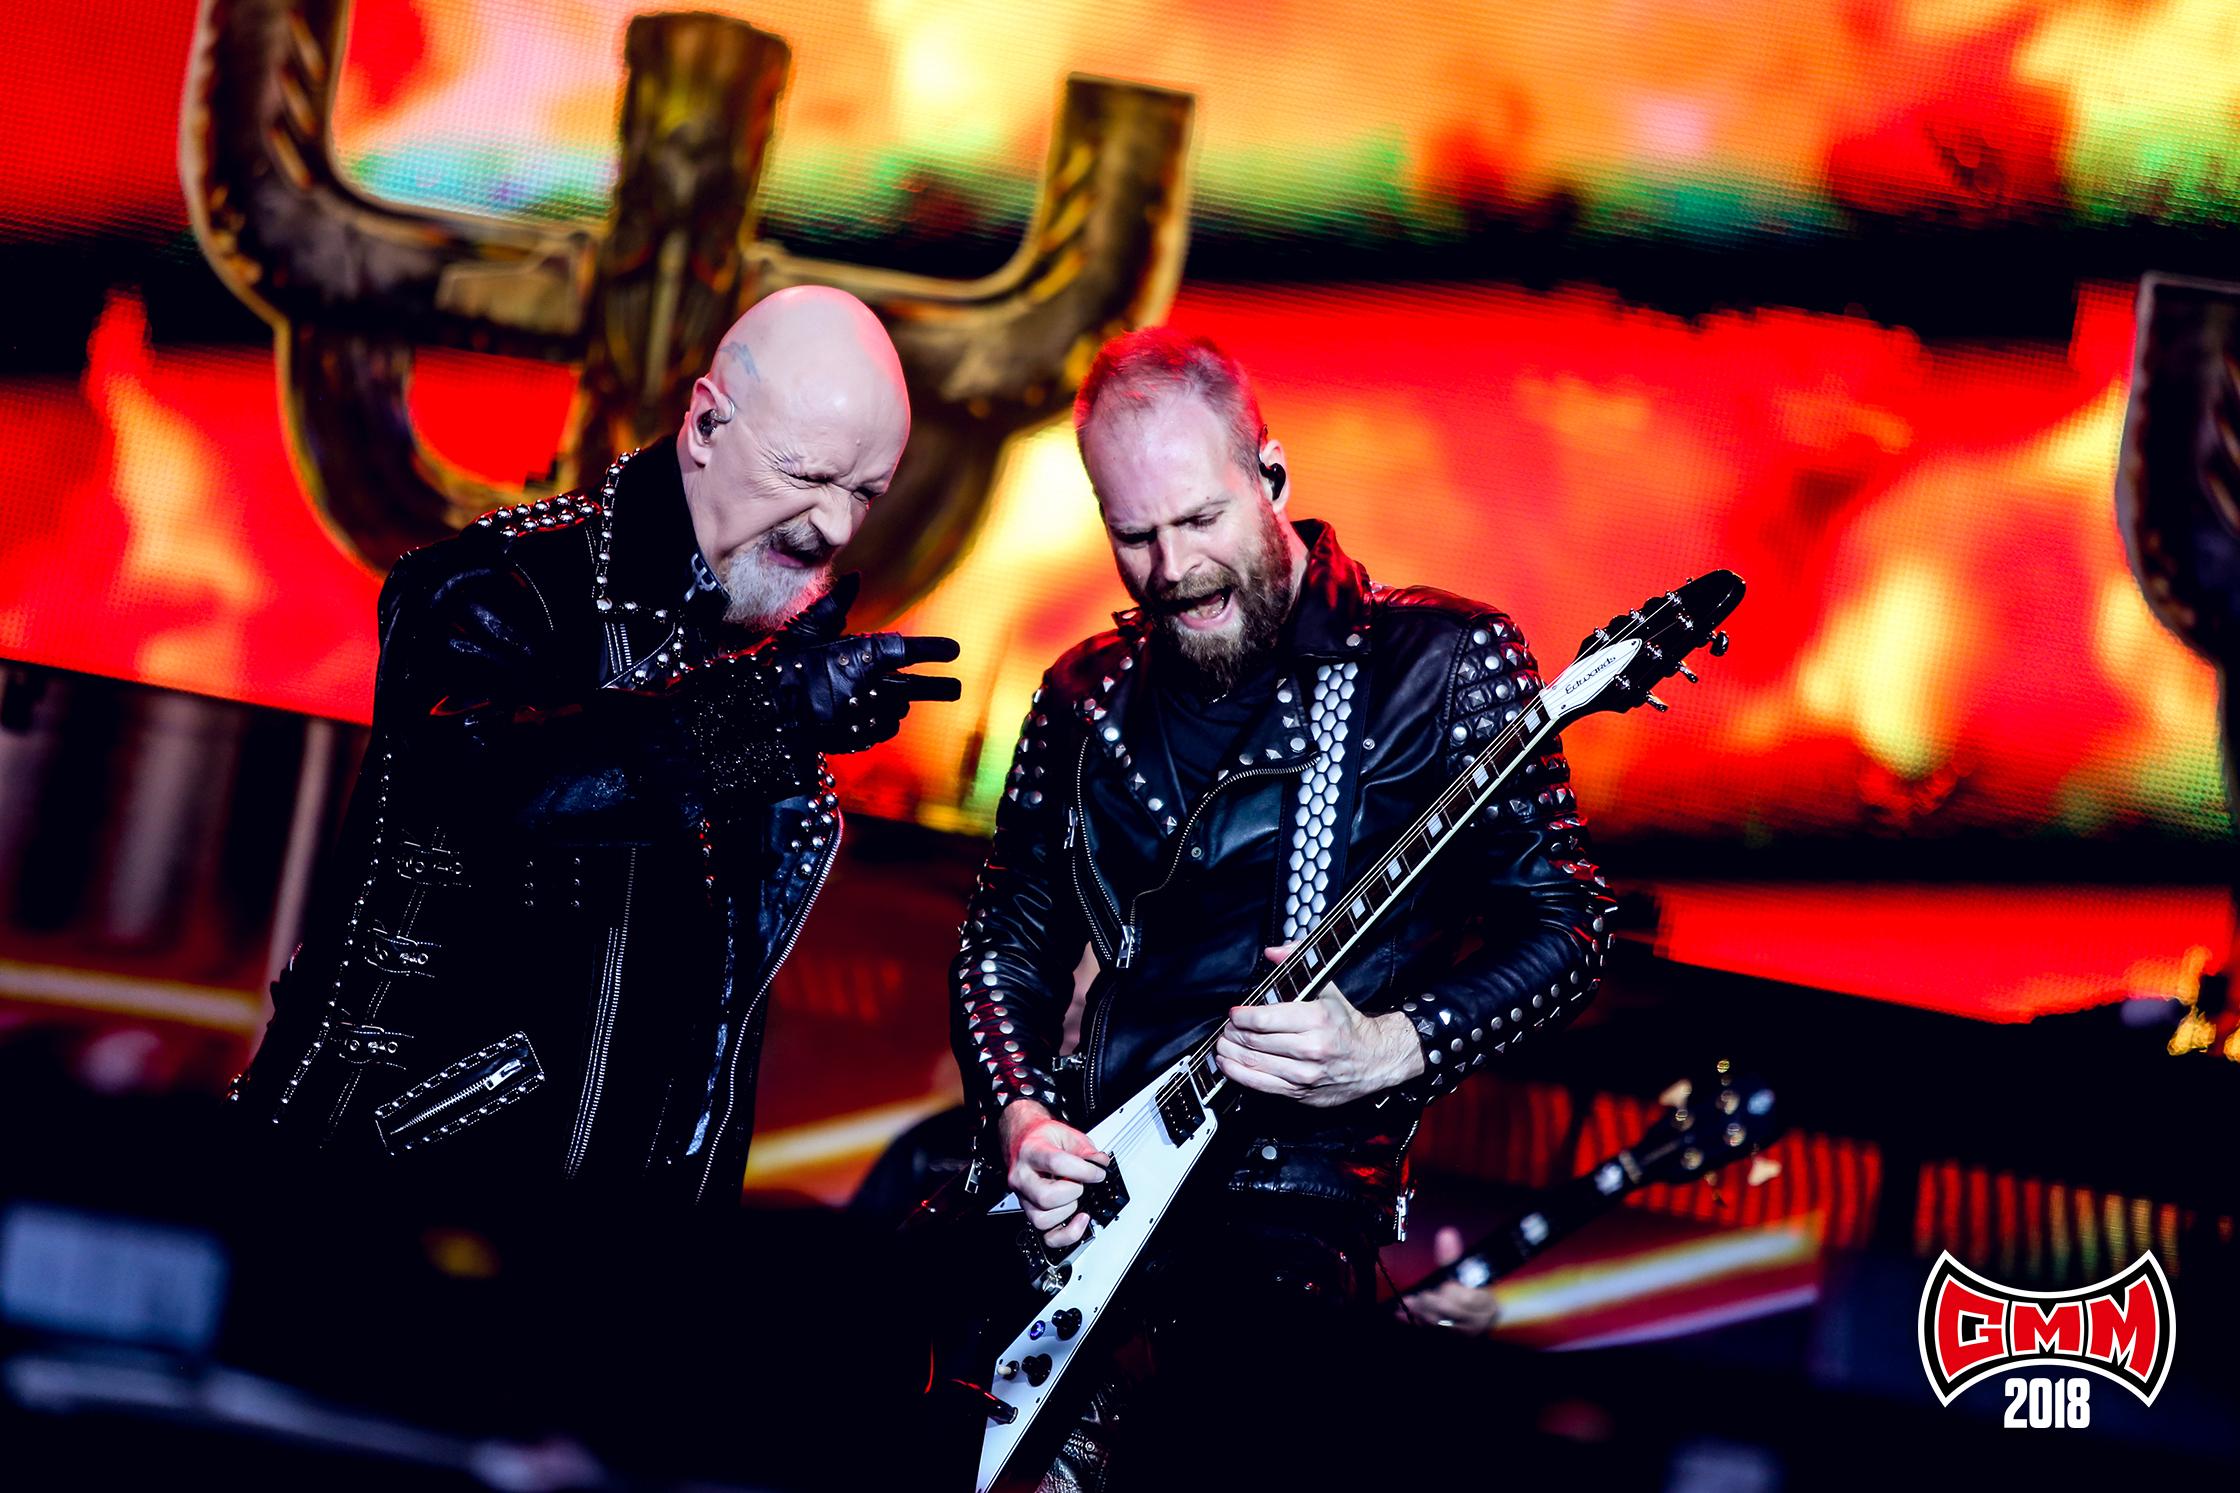 Judas Priest op Graspop - Foto: Tim Tronckoe (Graspop Metal Meeting) - PERSFOTO, NIET GEBRUIKEN VOOR ANDERE ARTIKELEN